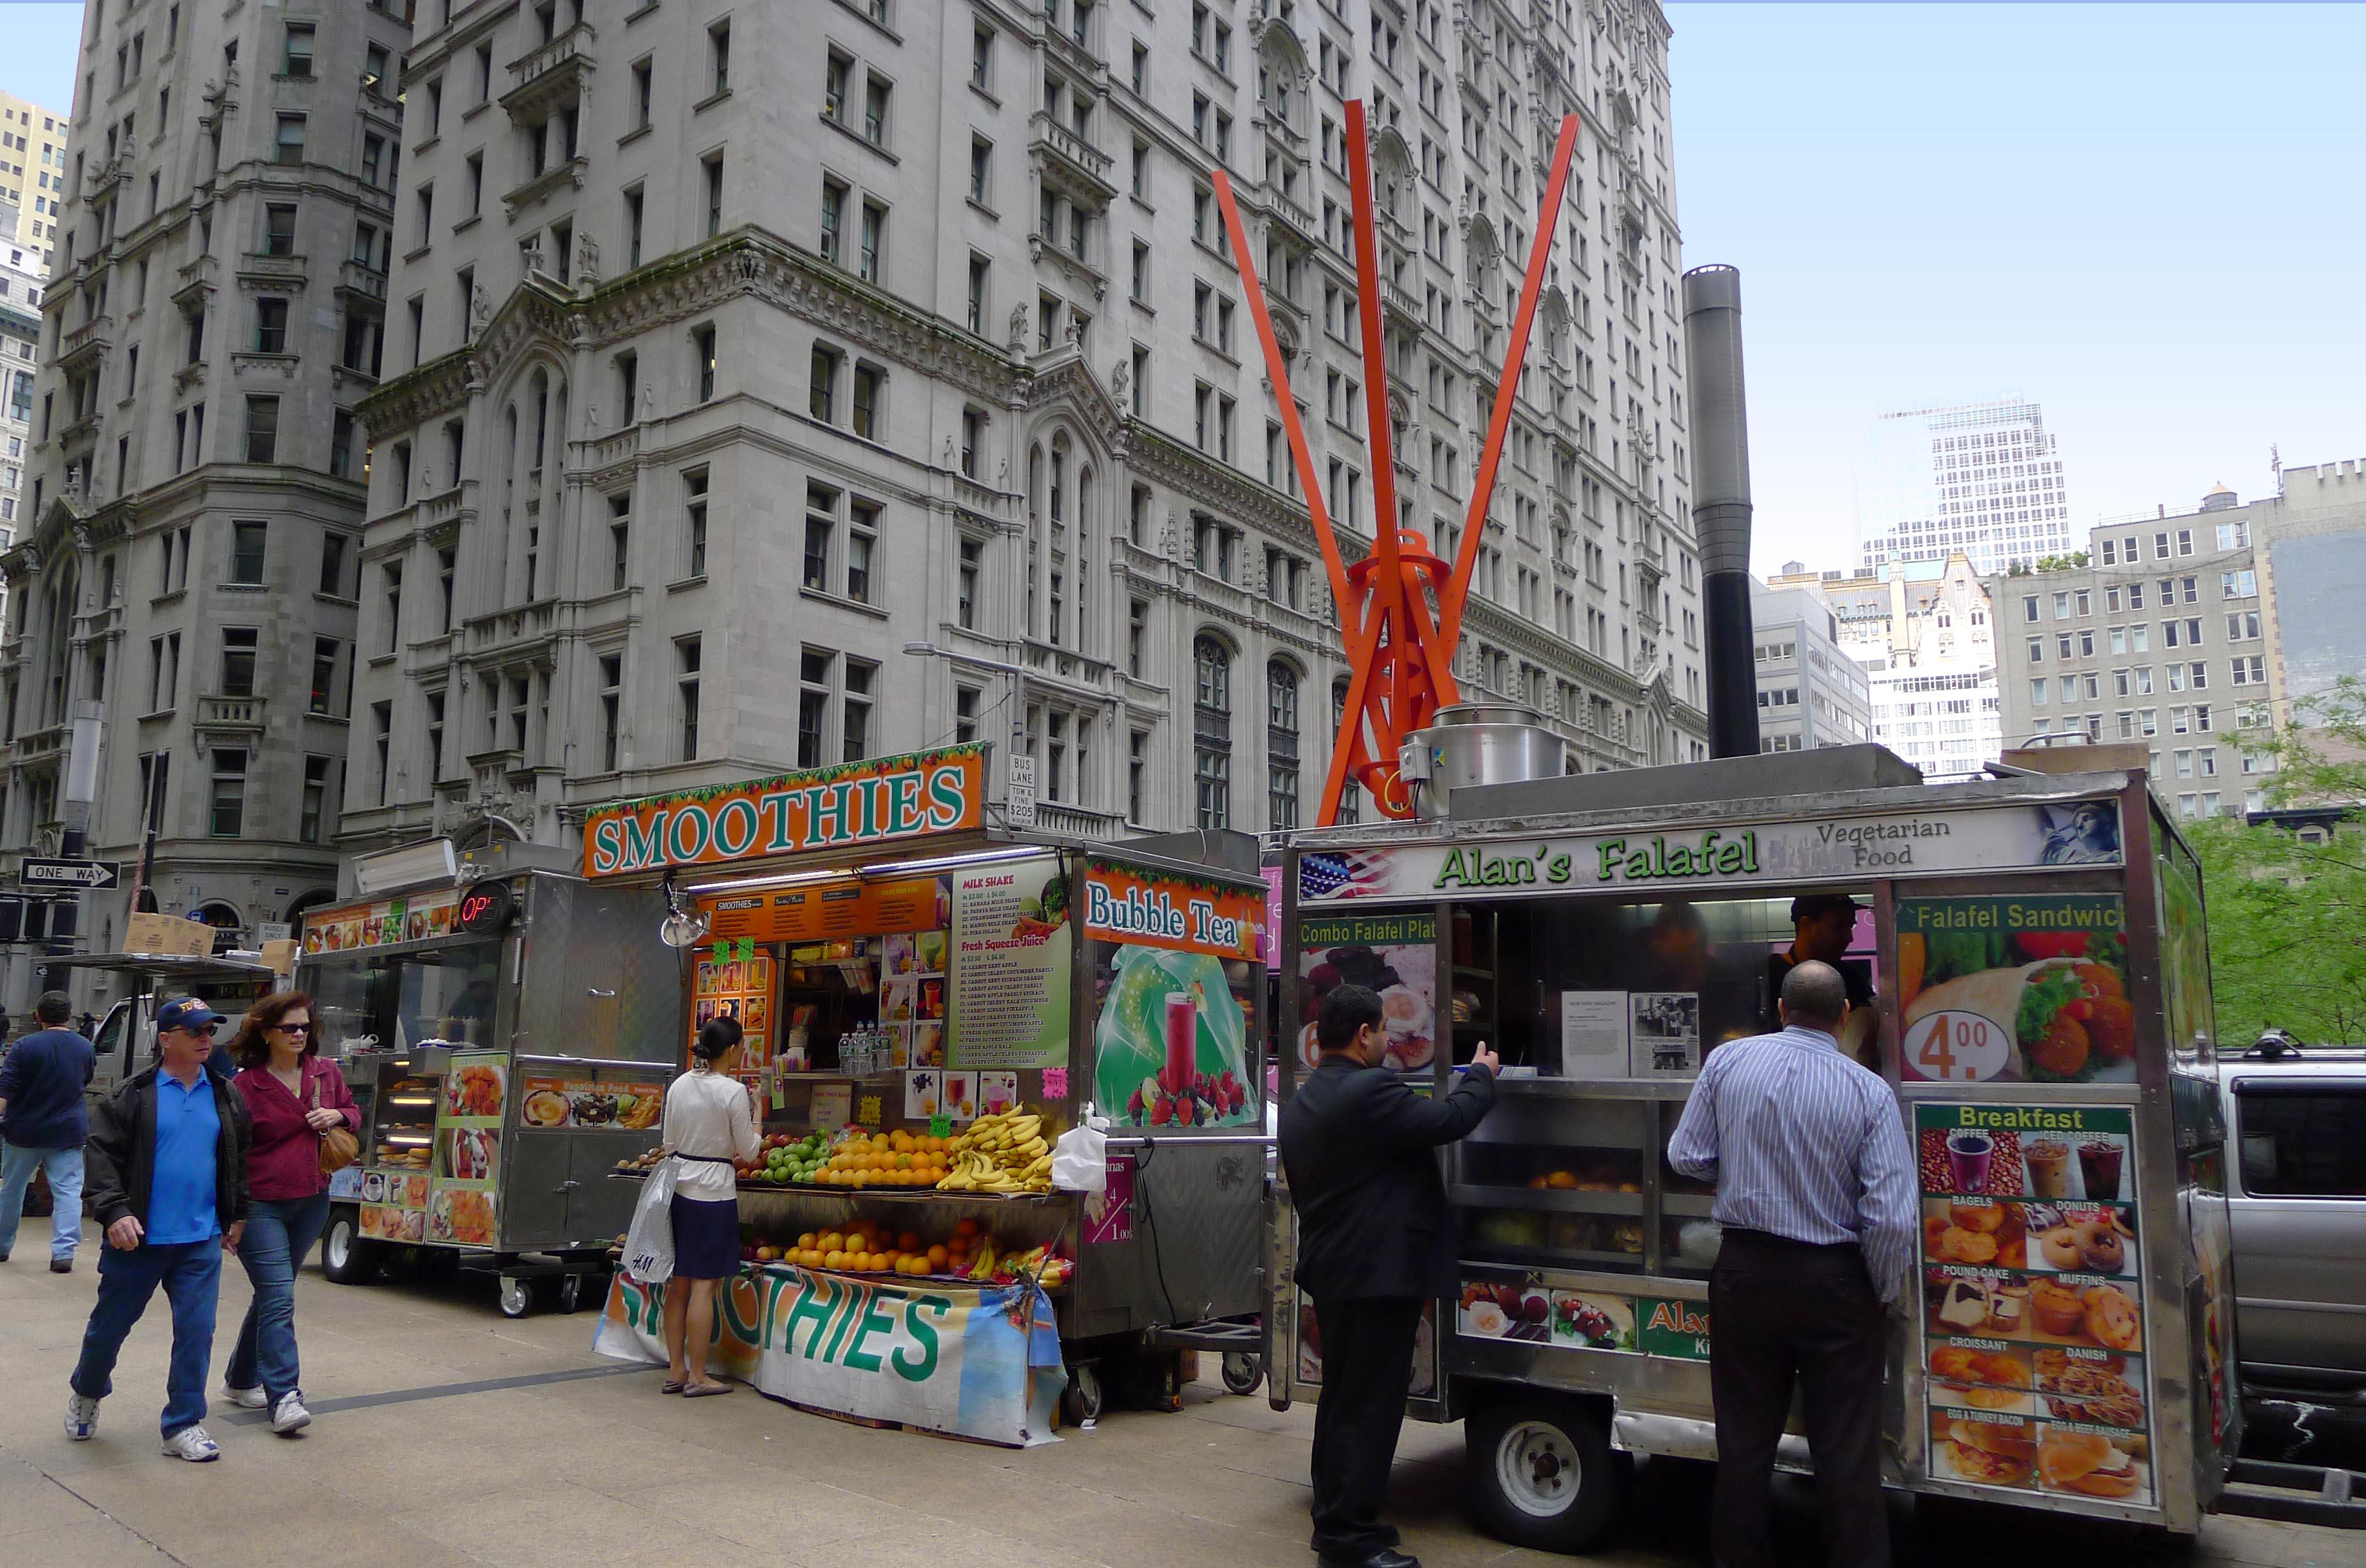 Lugares y experiencias de viajes momentos gastronomicos for Nyc what to do